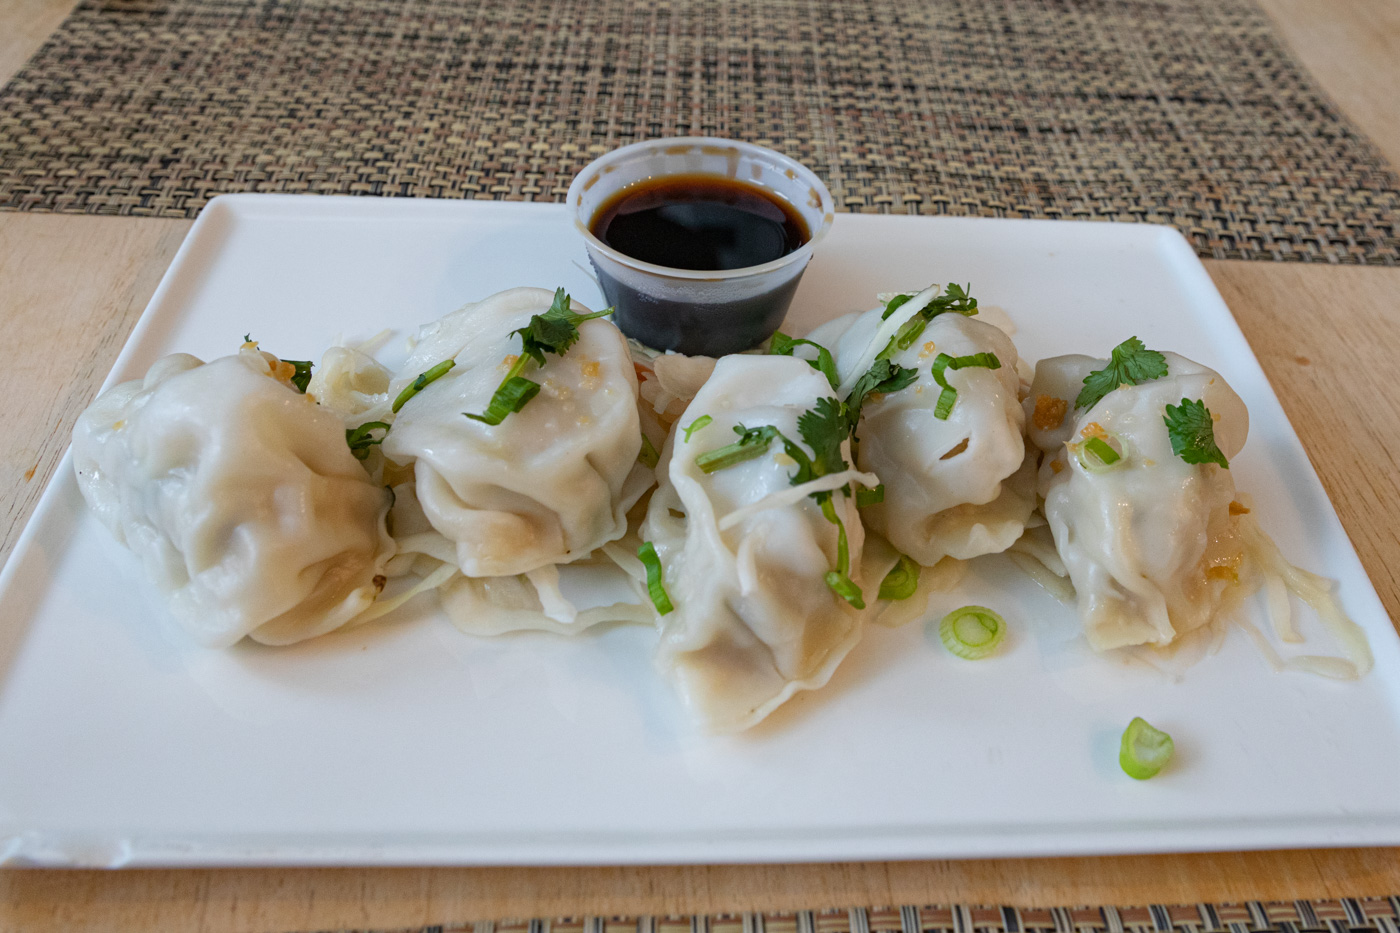 Dumplings from Sawatdee